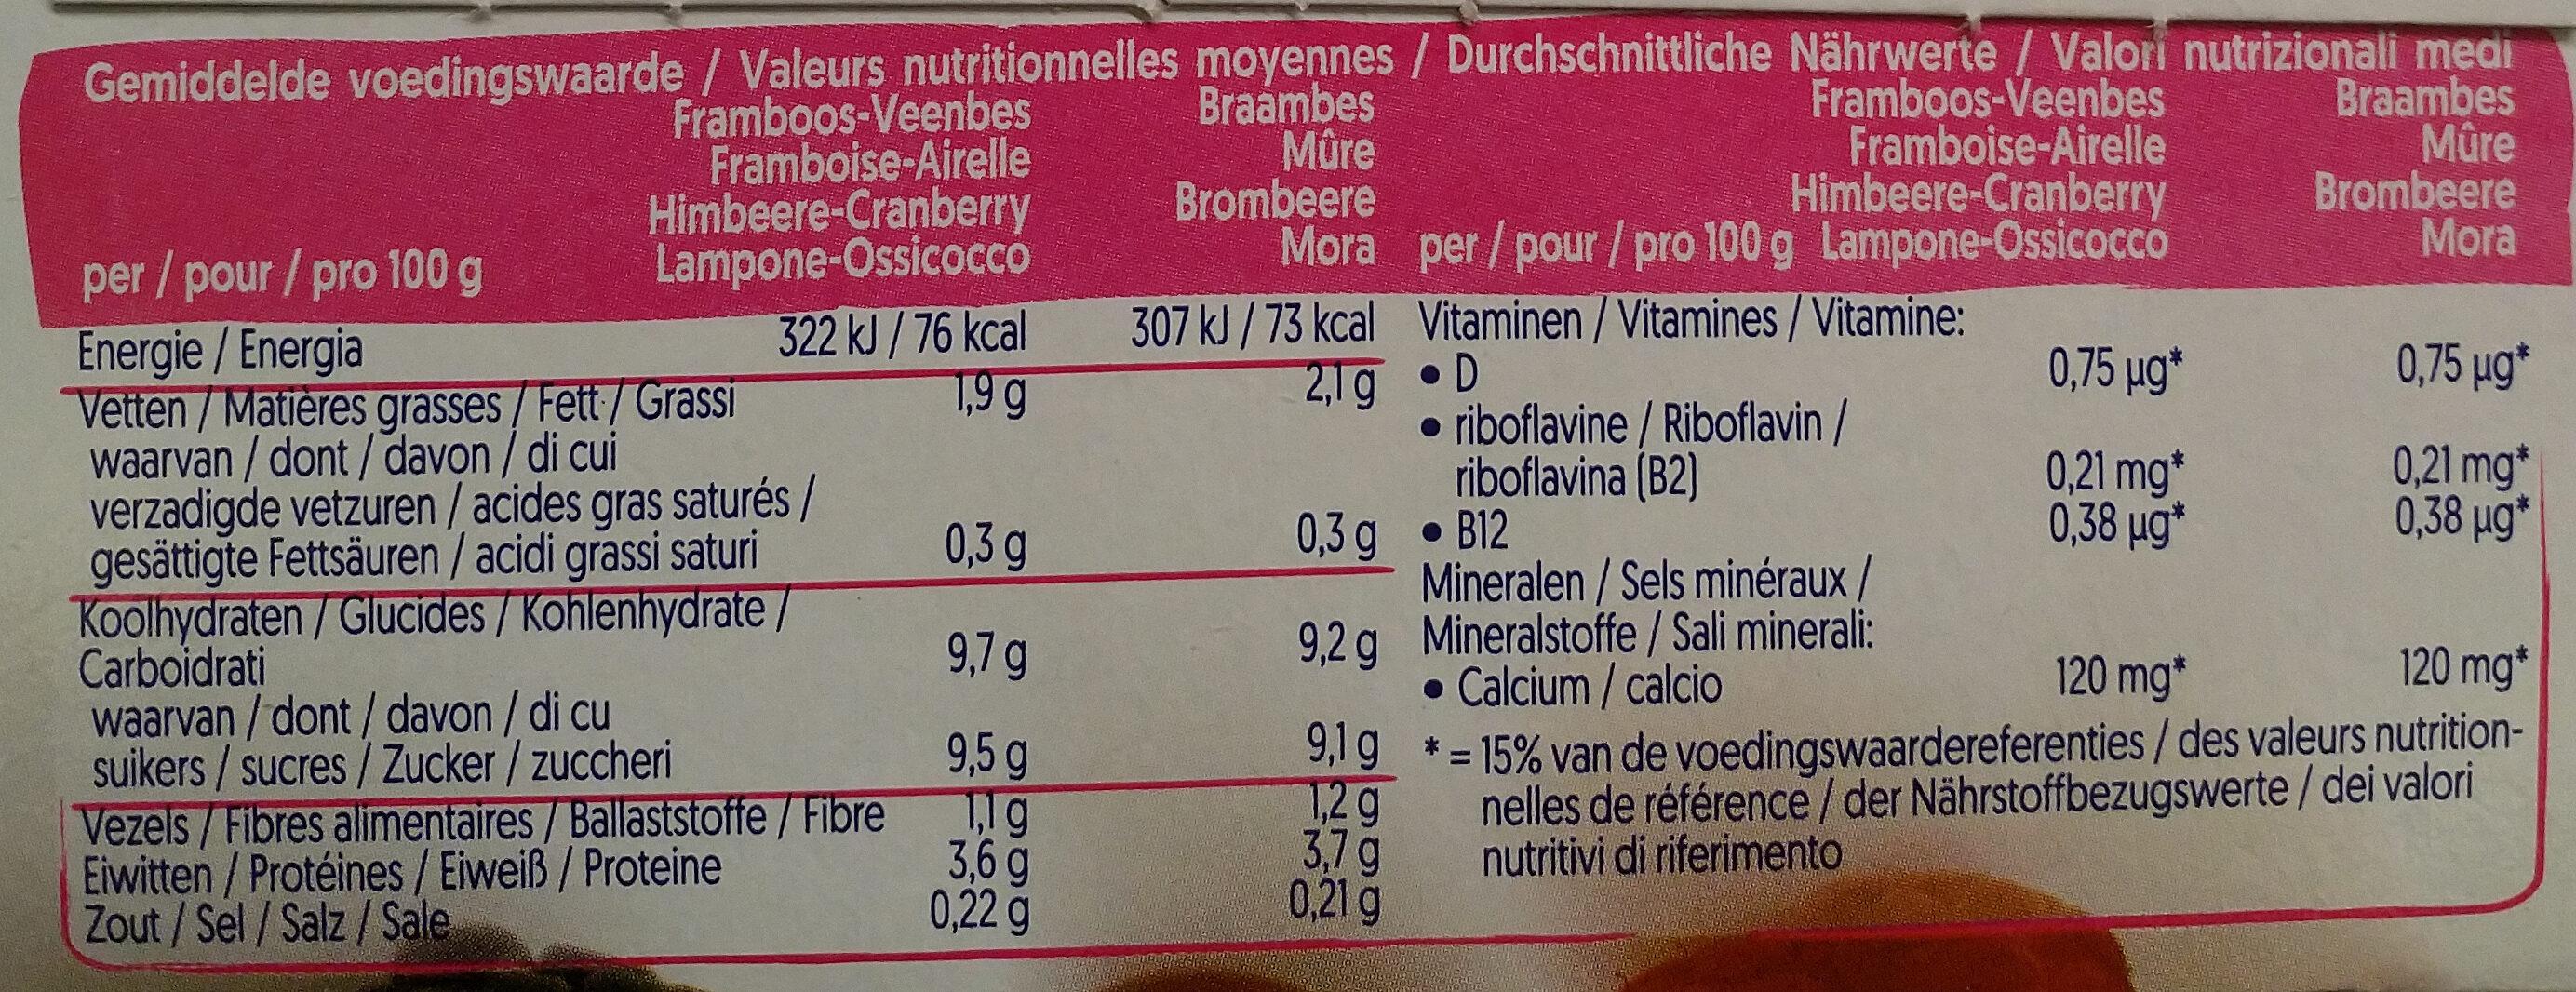 2x Framboise-Airelle, 2x Mûre - Informazioni nutrizionali - fr